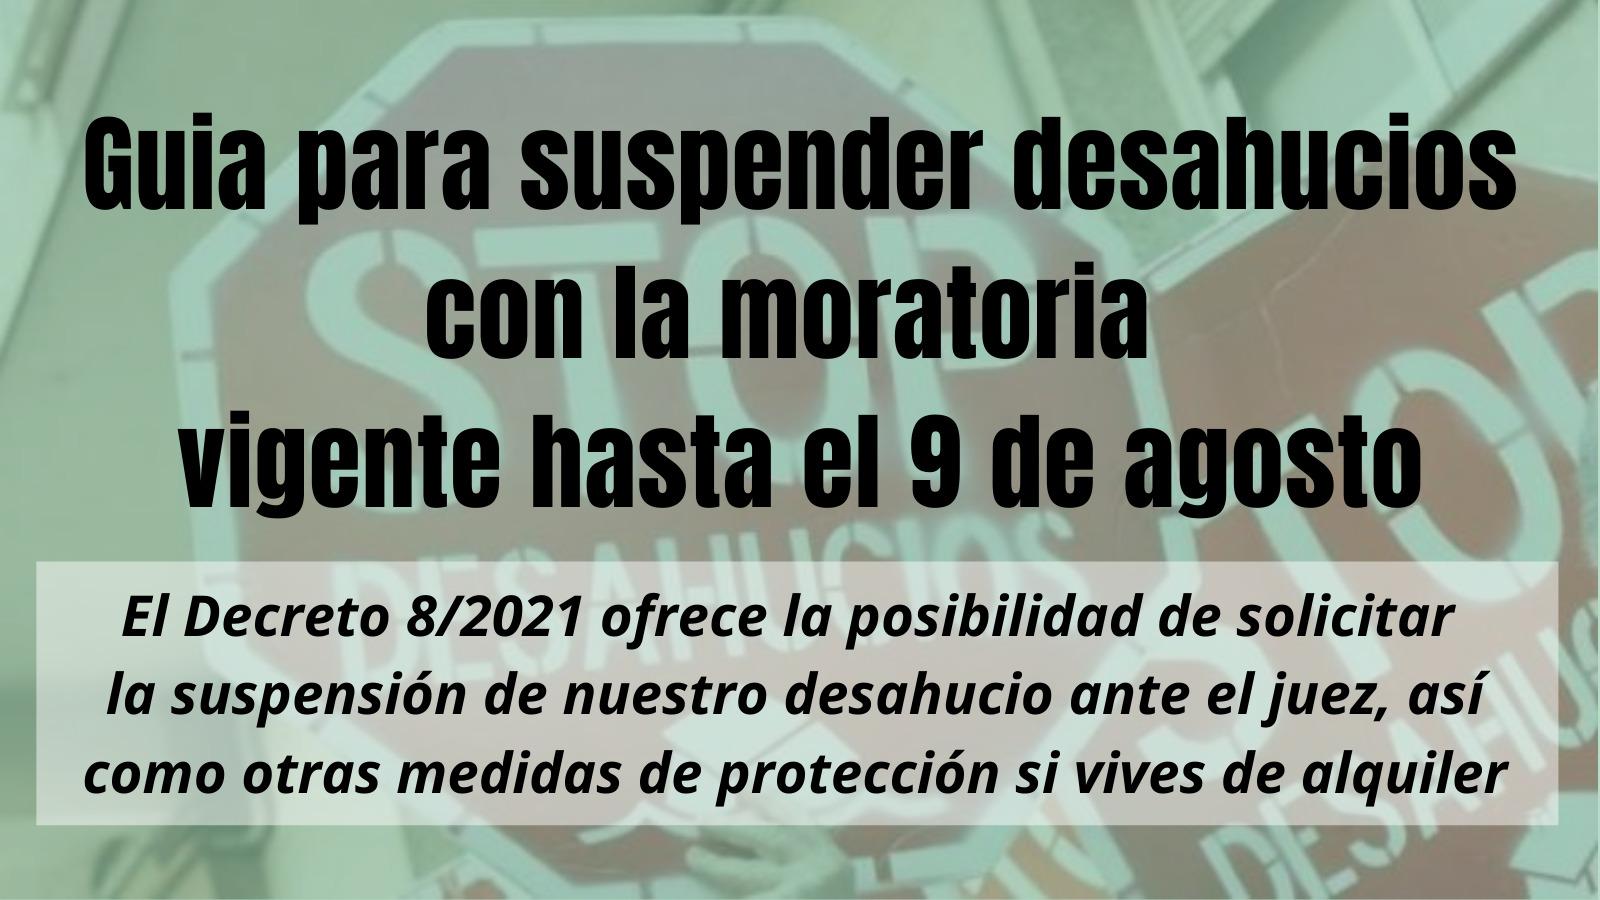 Guía para solicitar suspender desahucios en base a la moratoria vigente hasta el 9 de agosto